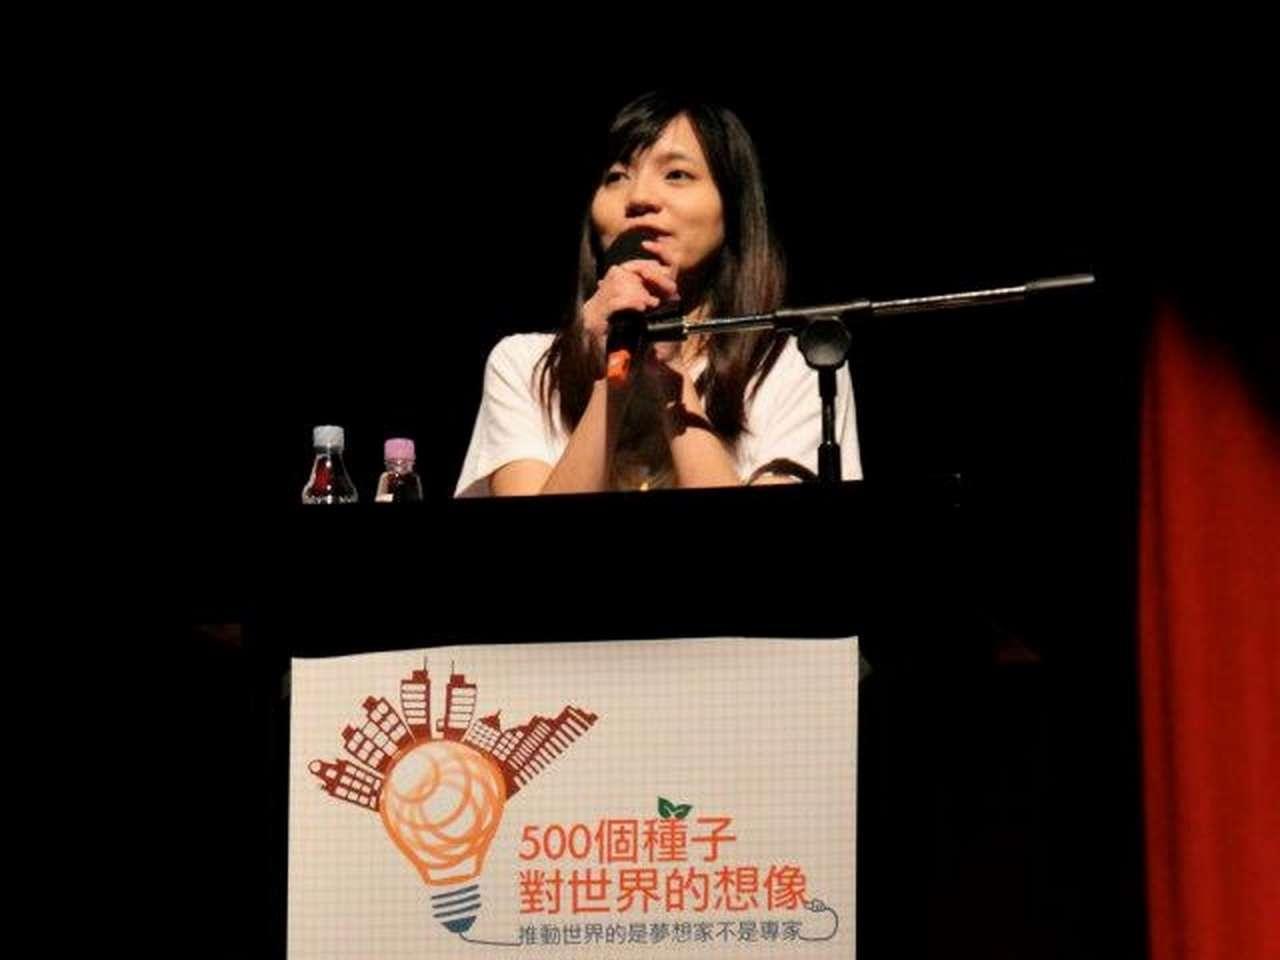 傾家蕩產也要辦活動!/專訪社企流創辦人暨總編輯林以涵 Sunny Lin